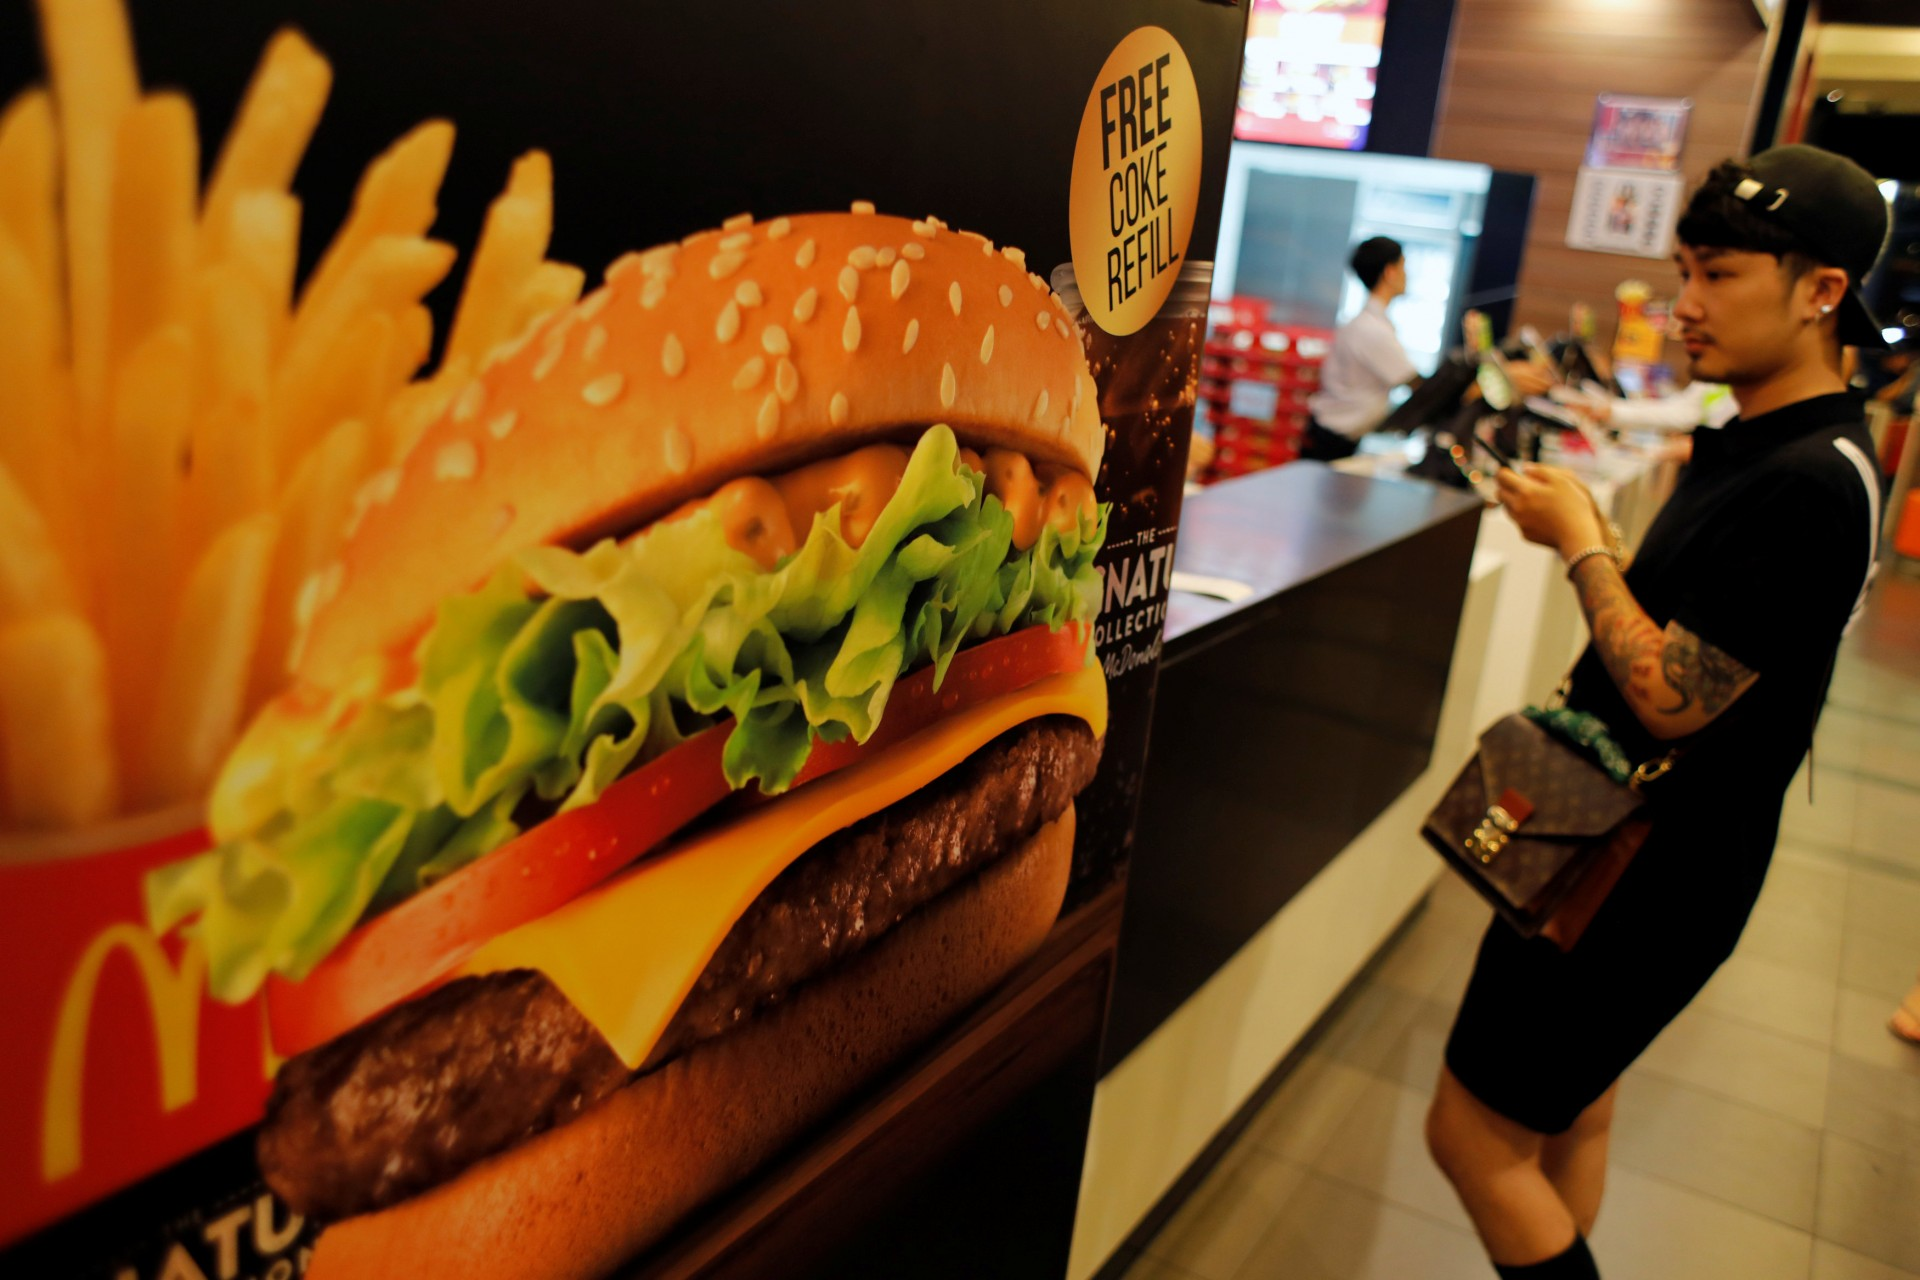 La compañía de comida rápida le apostará a mejorar la calidad de los ingredientes de las hamburguesas clásicas (Foto: Reuters)